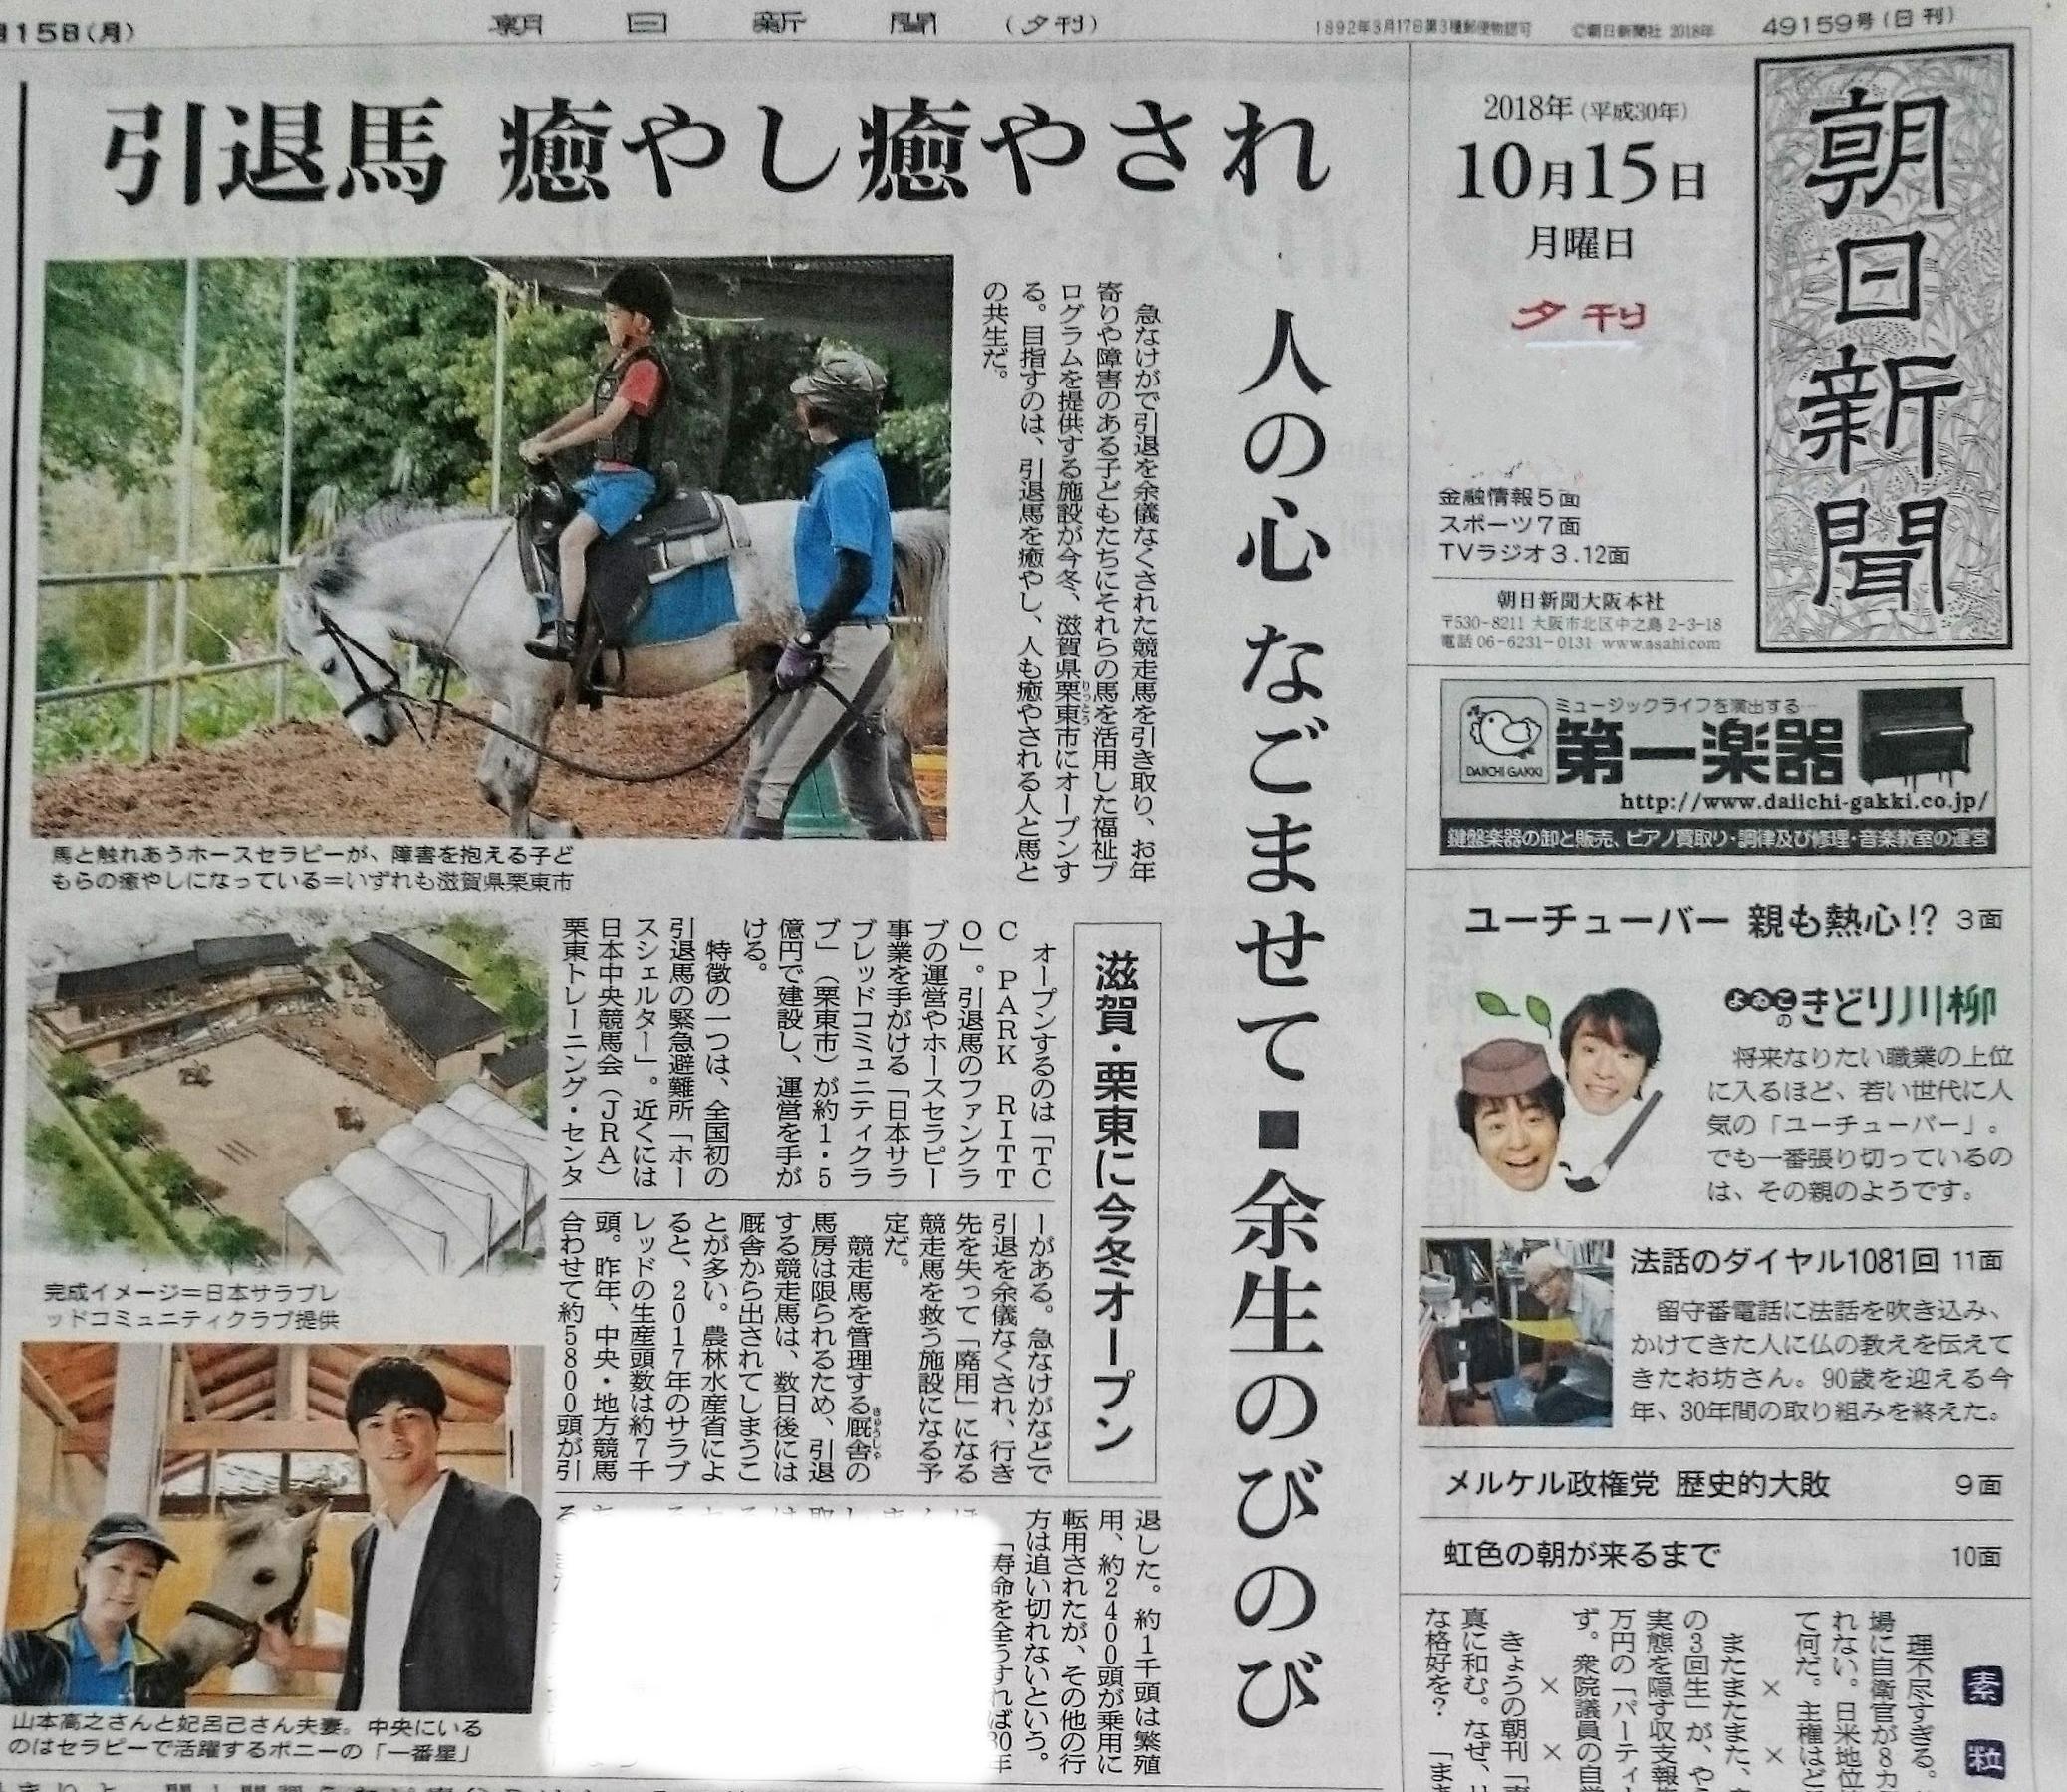 本日(10/15)朝日新聞夕刊に掲載!!